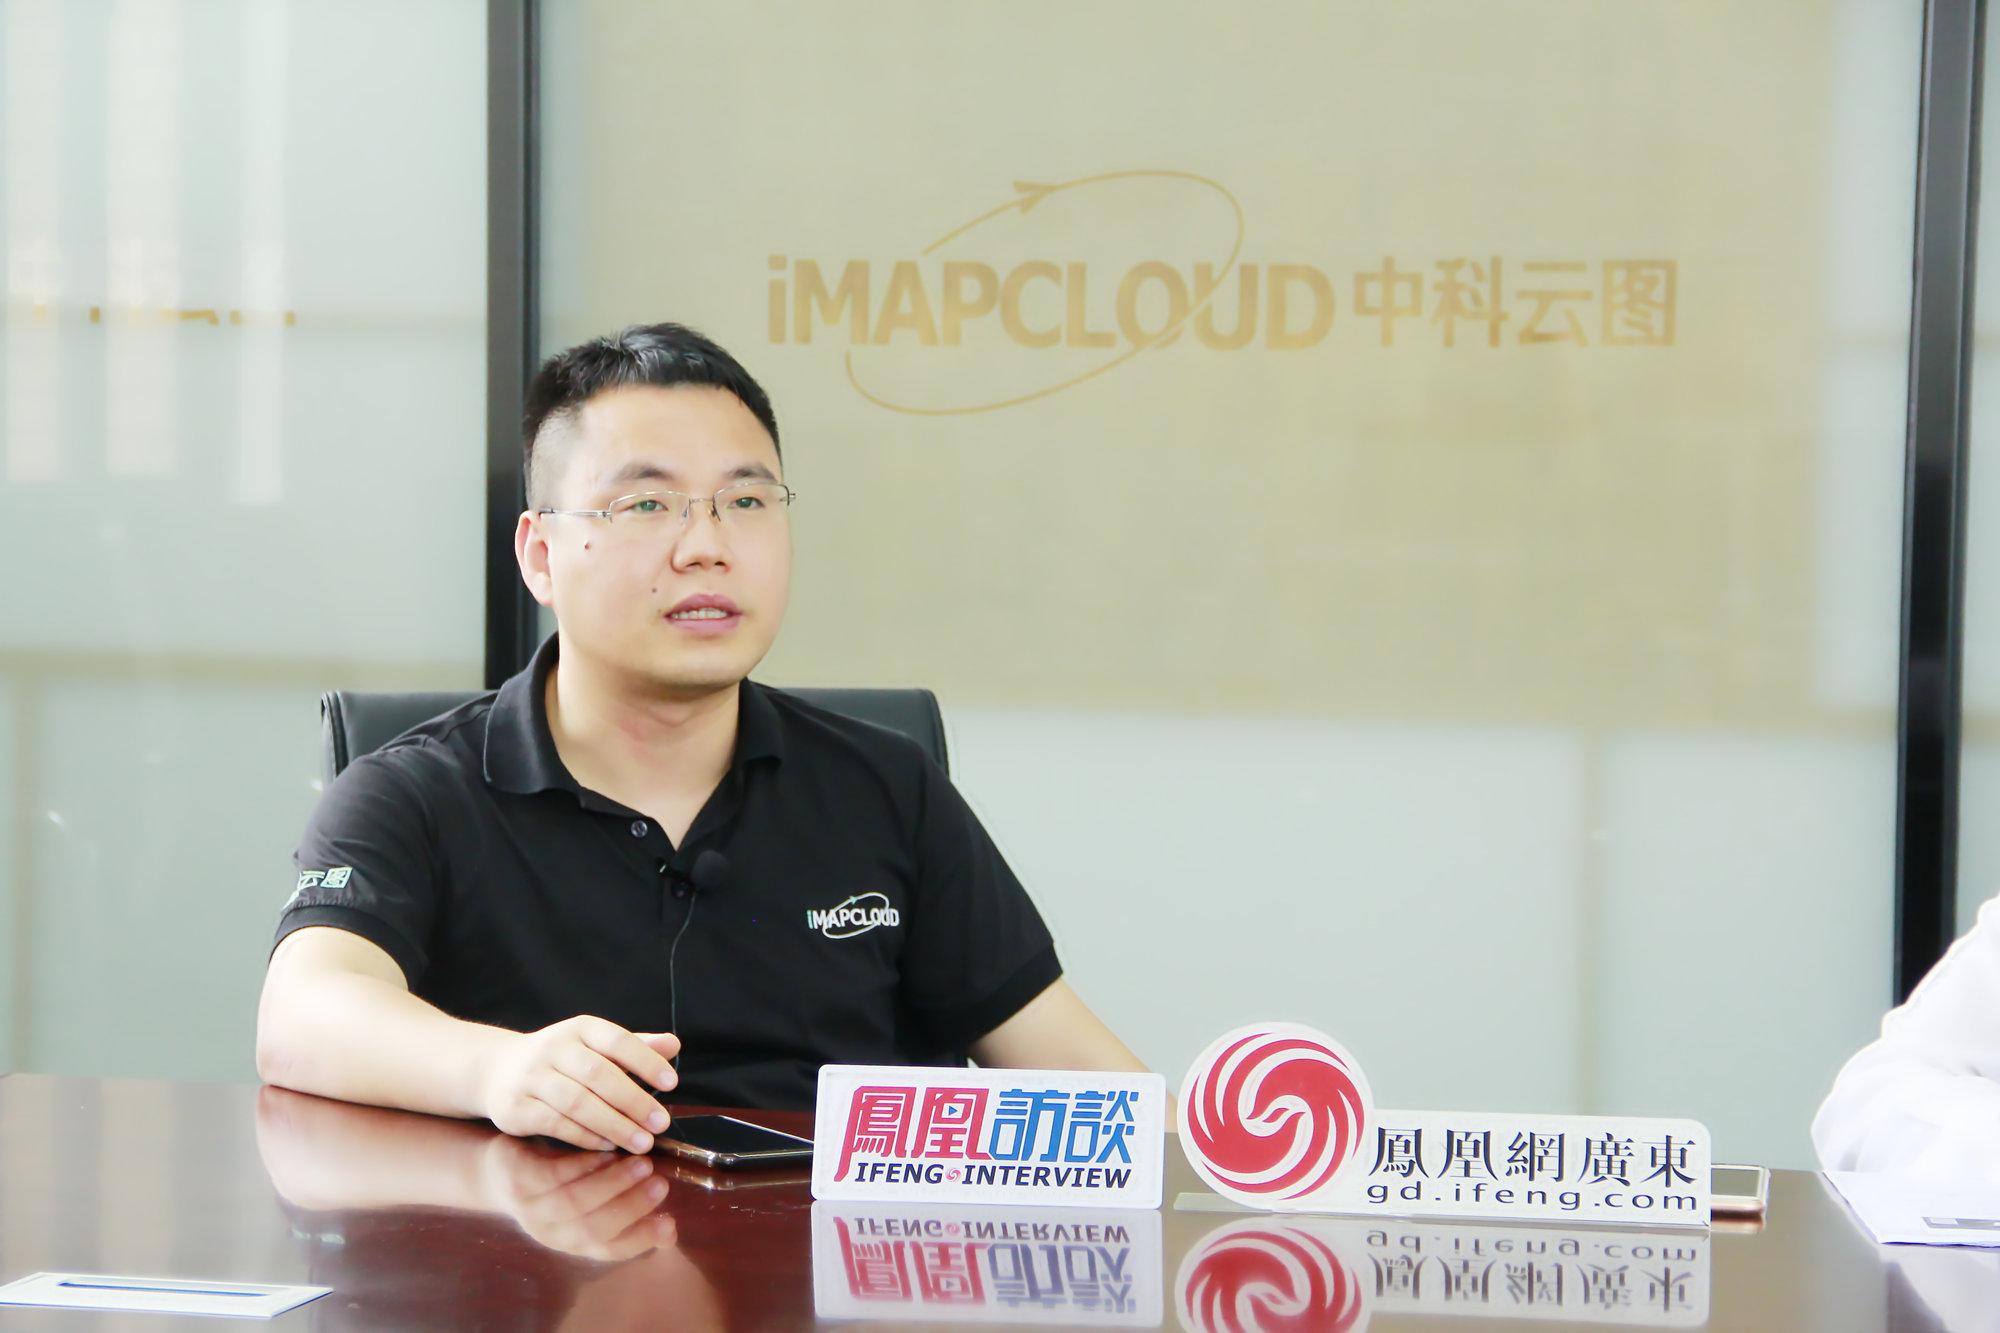 潘屹峰:丹灶镇将引领5G智能化城市网格管理